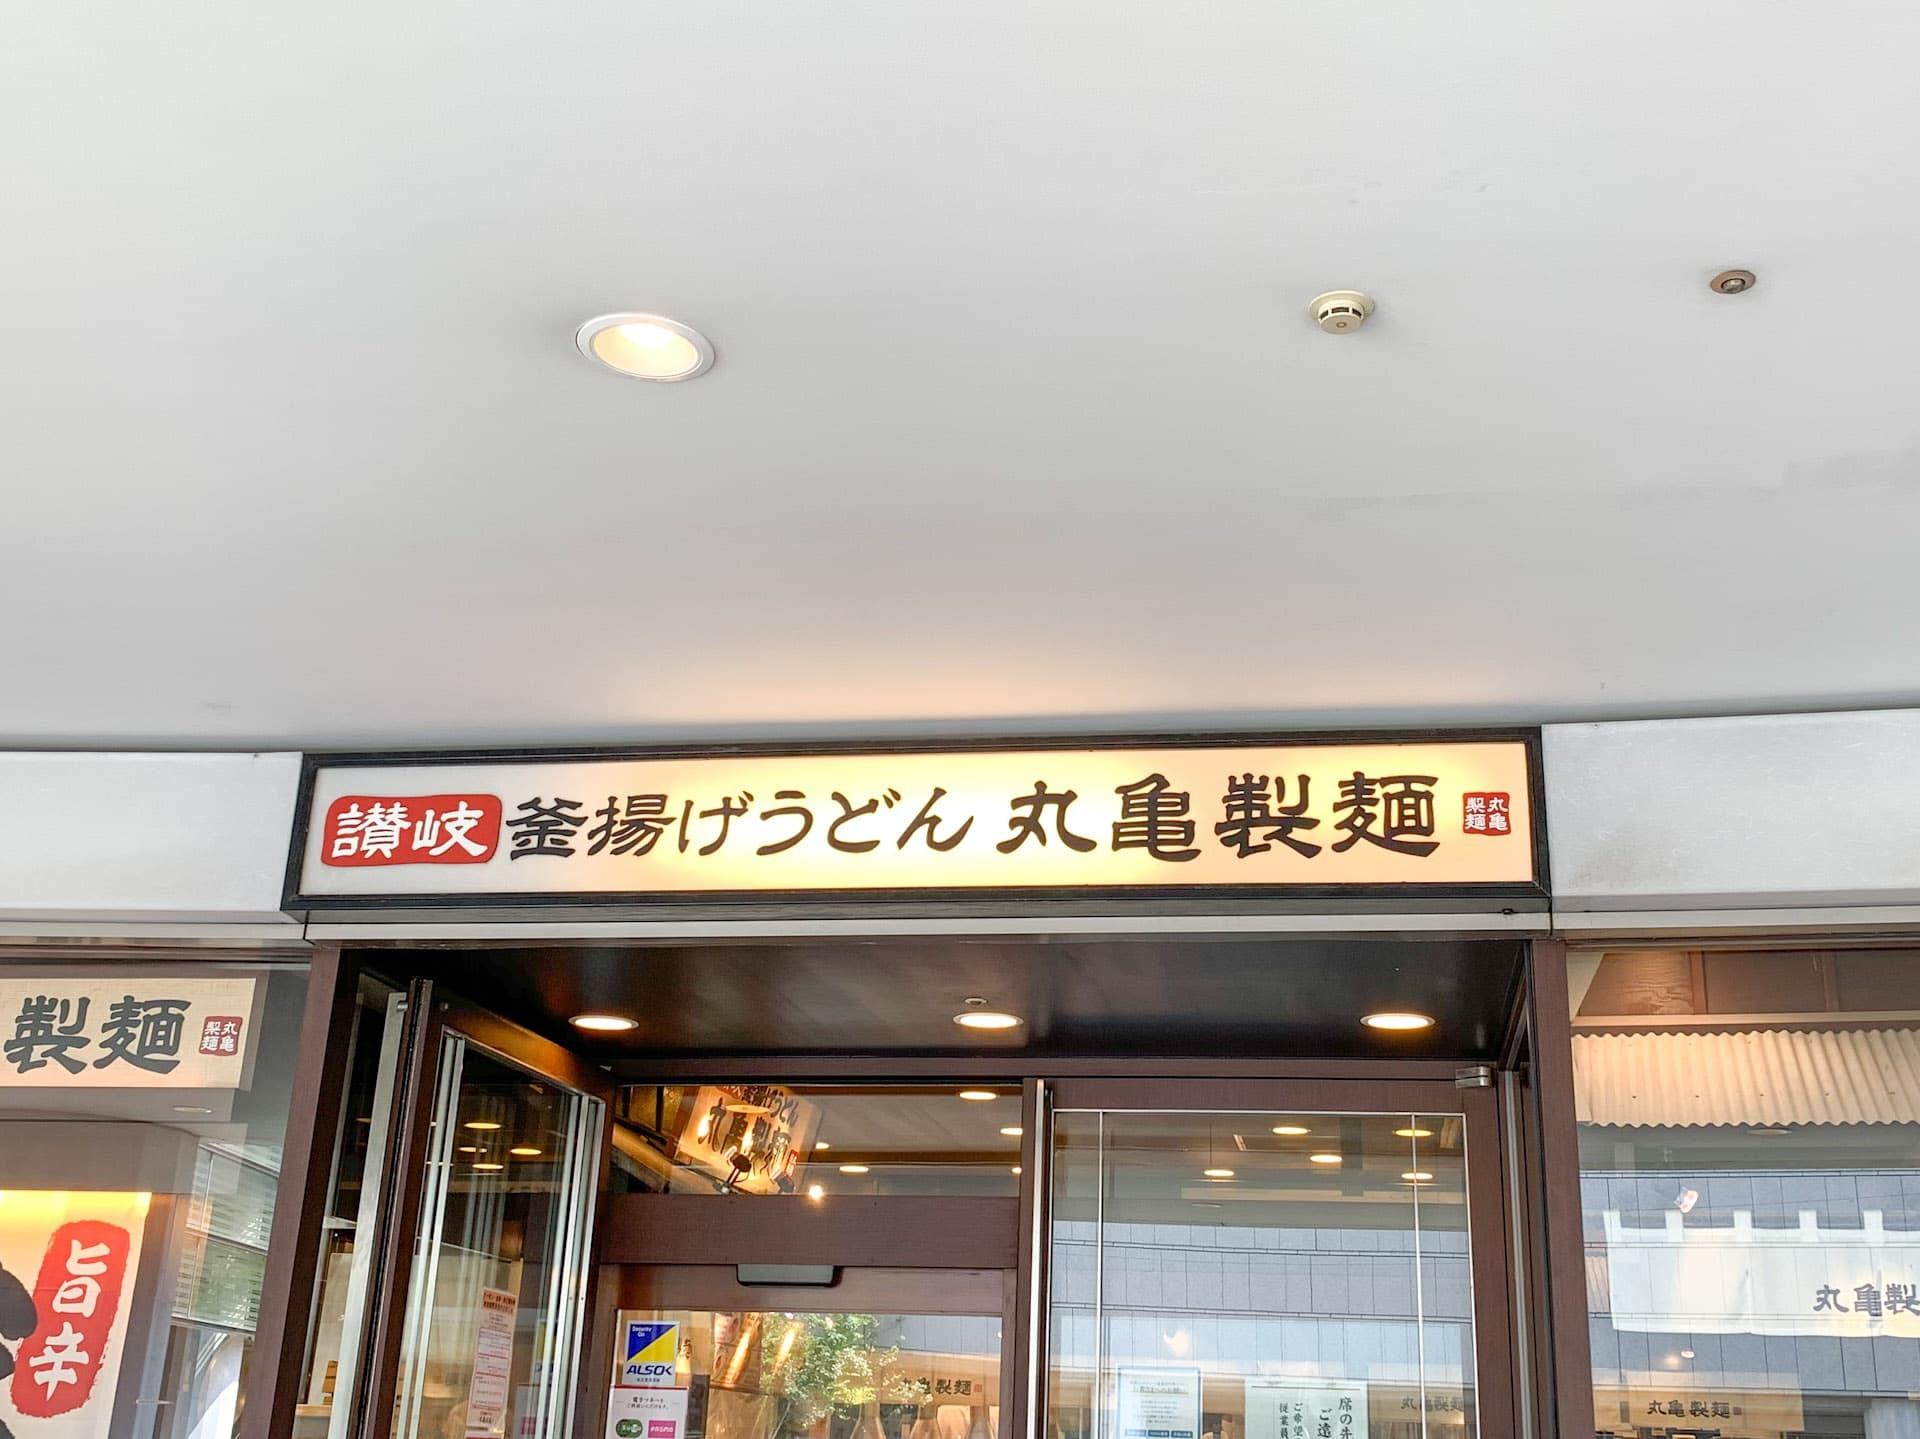 麺 だし 製 醤油 丸亀